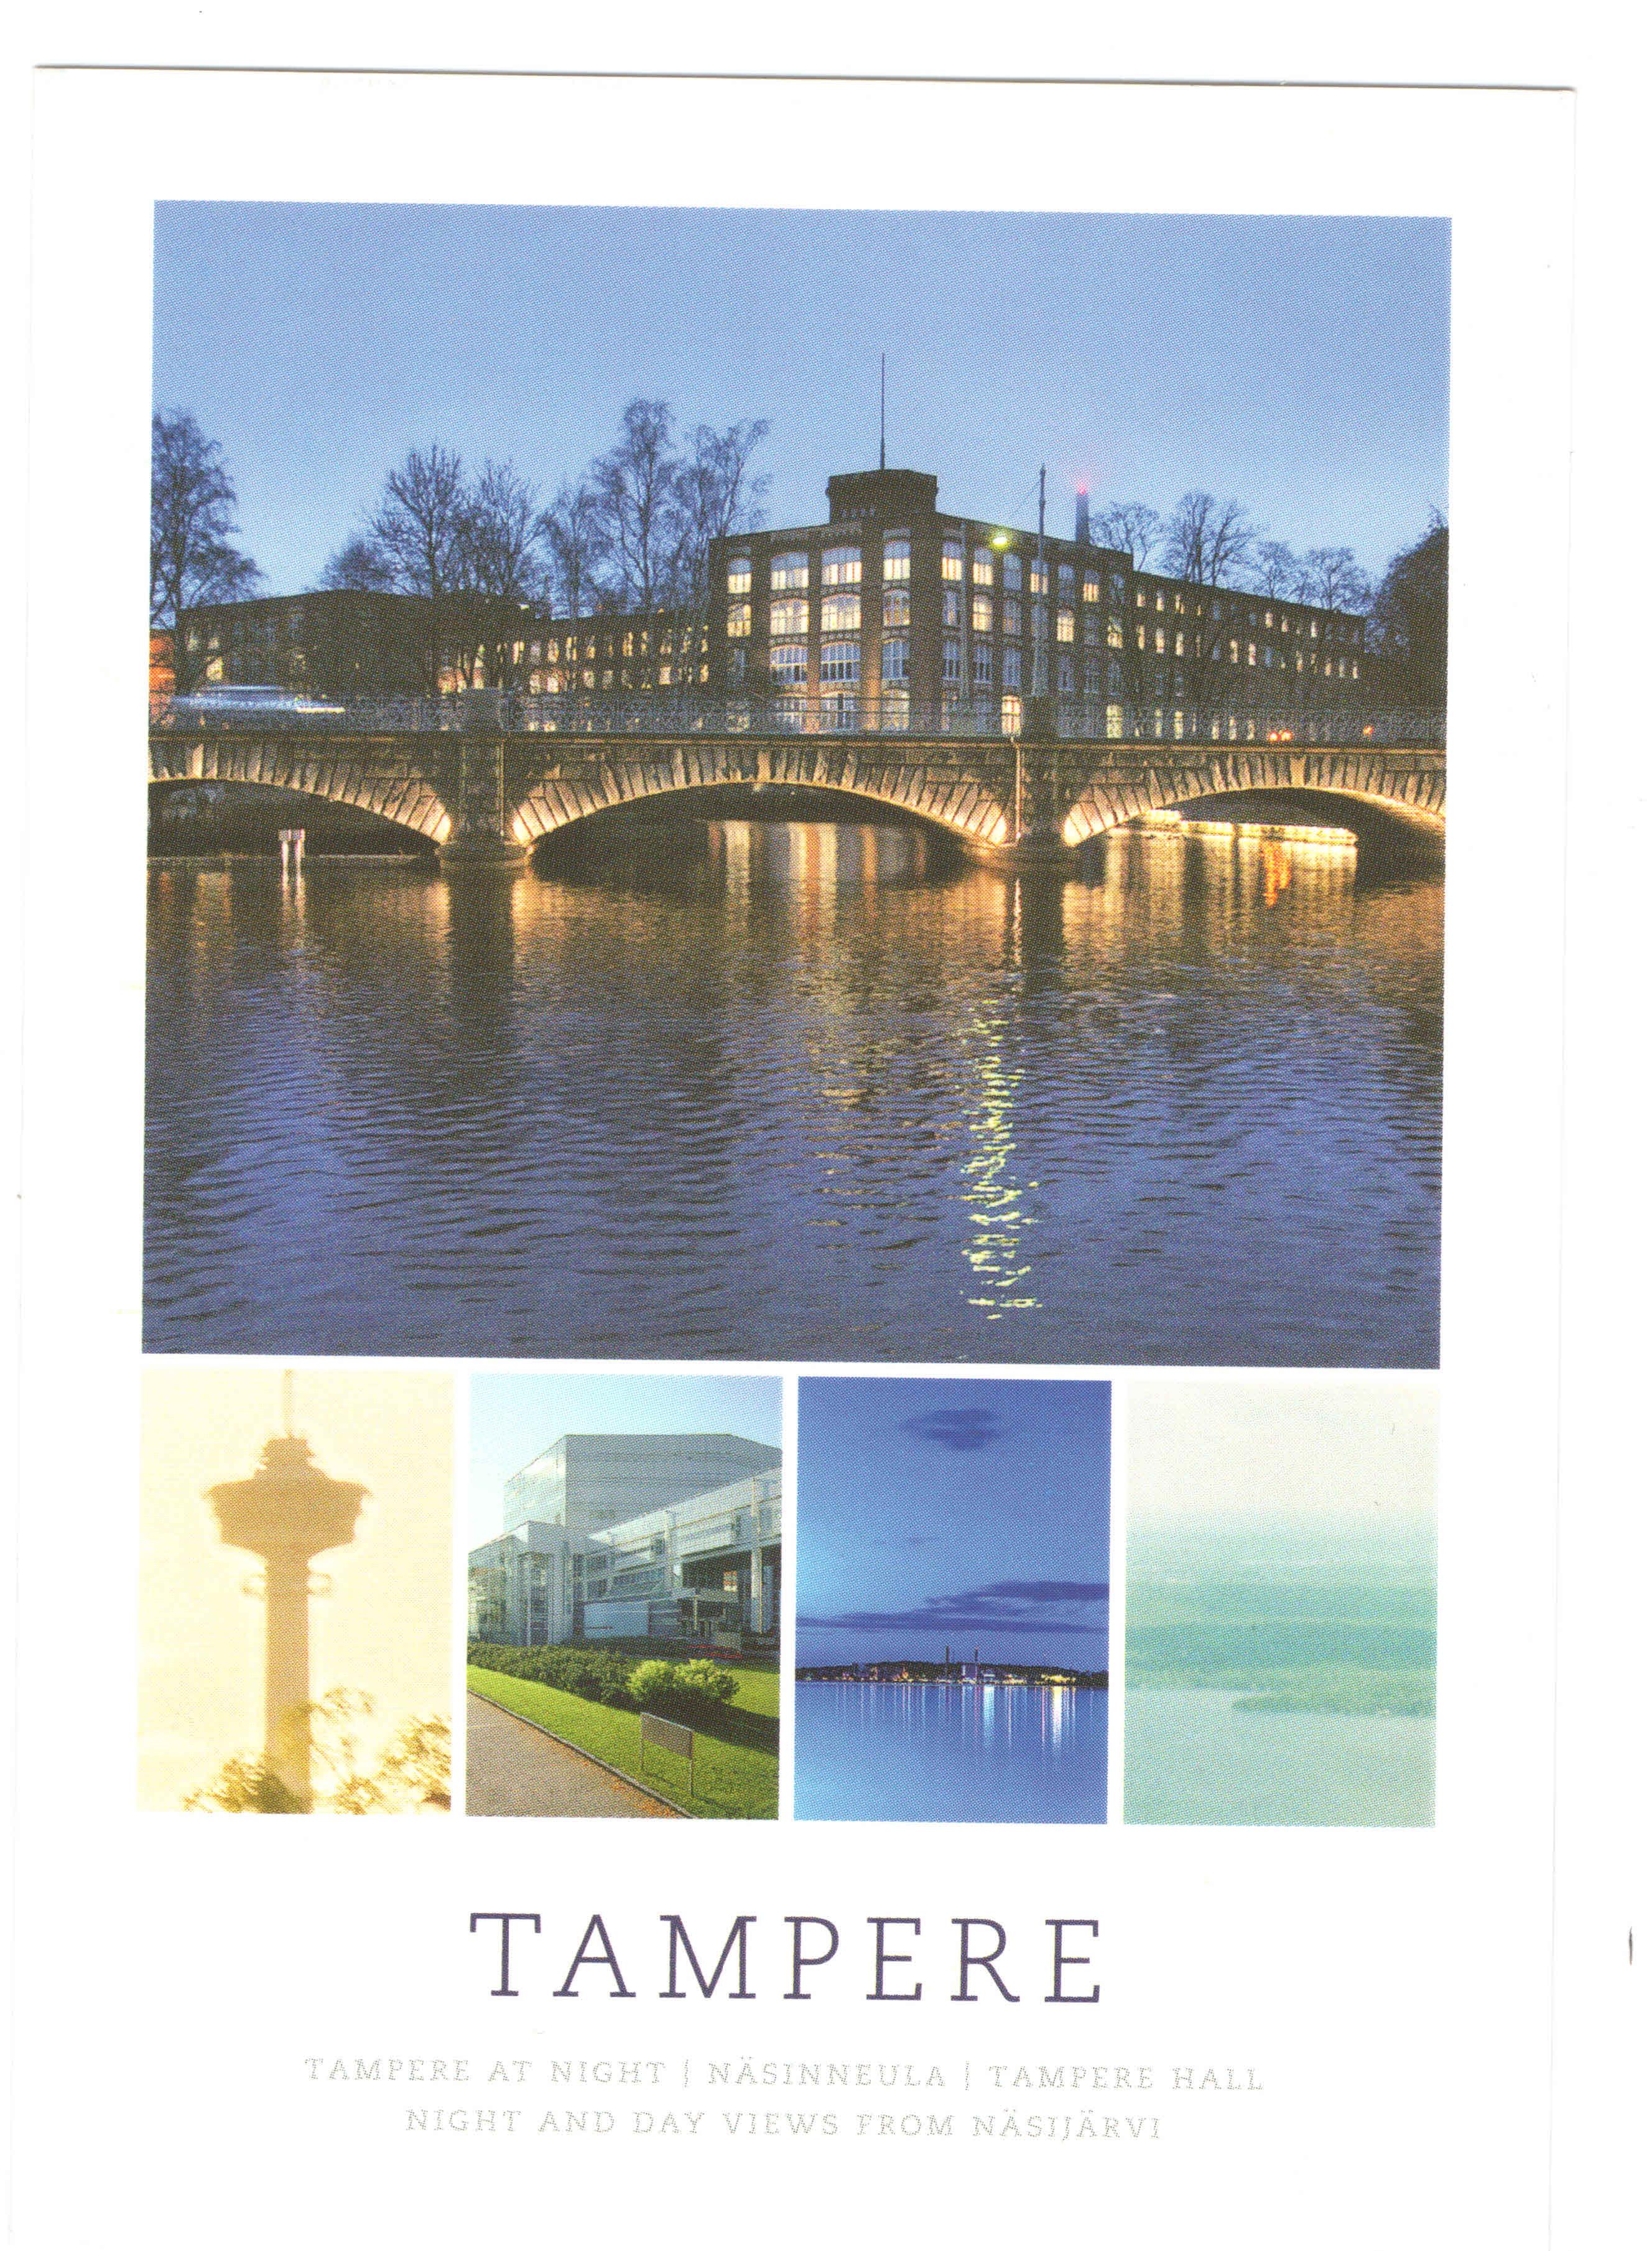 Tampere postcard